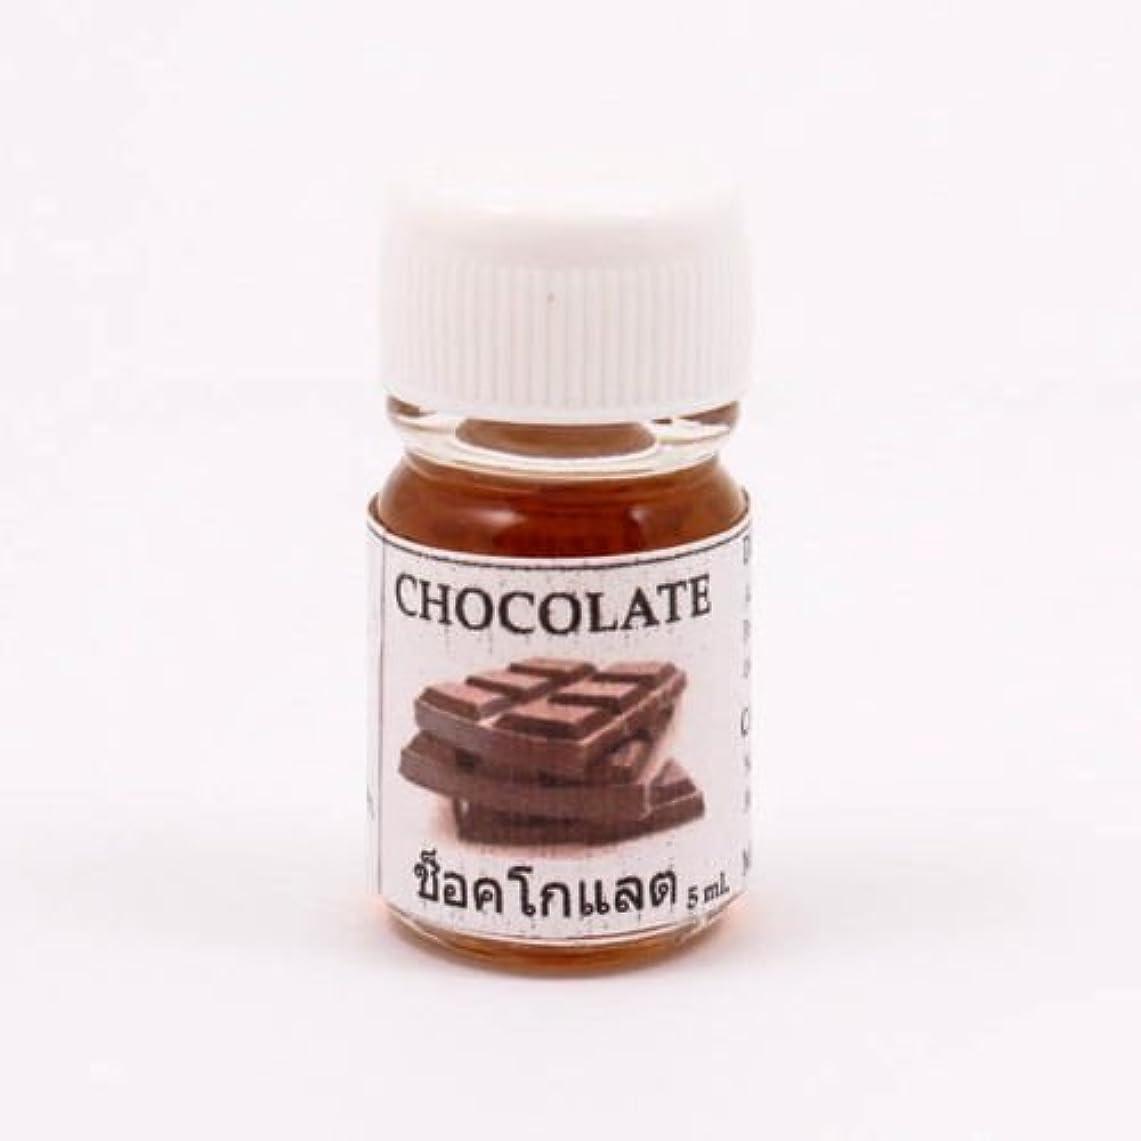 発症アーカイブ宣言する6X Chocalate Aroma Fragrance Essential Oil 5ML. cc Diffuser Burner Therapy